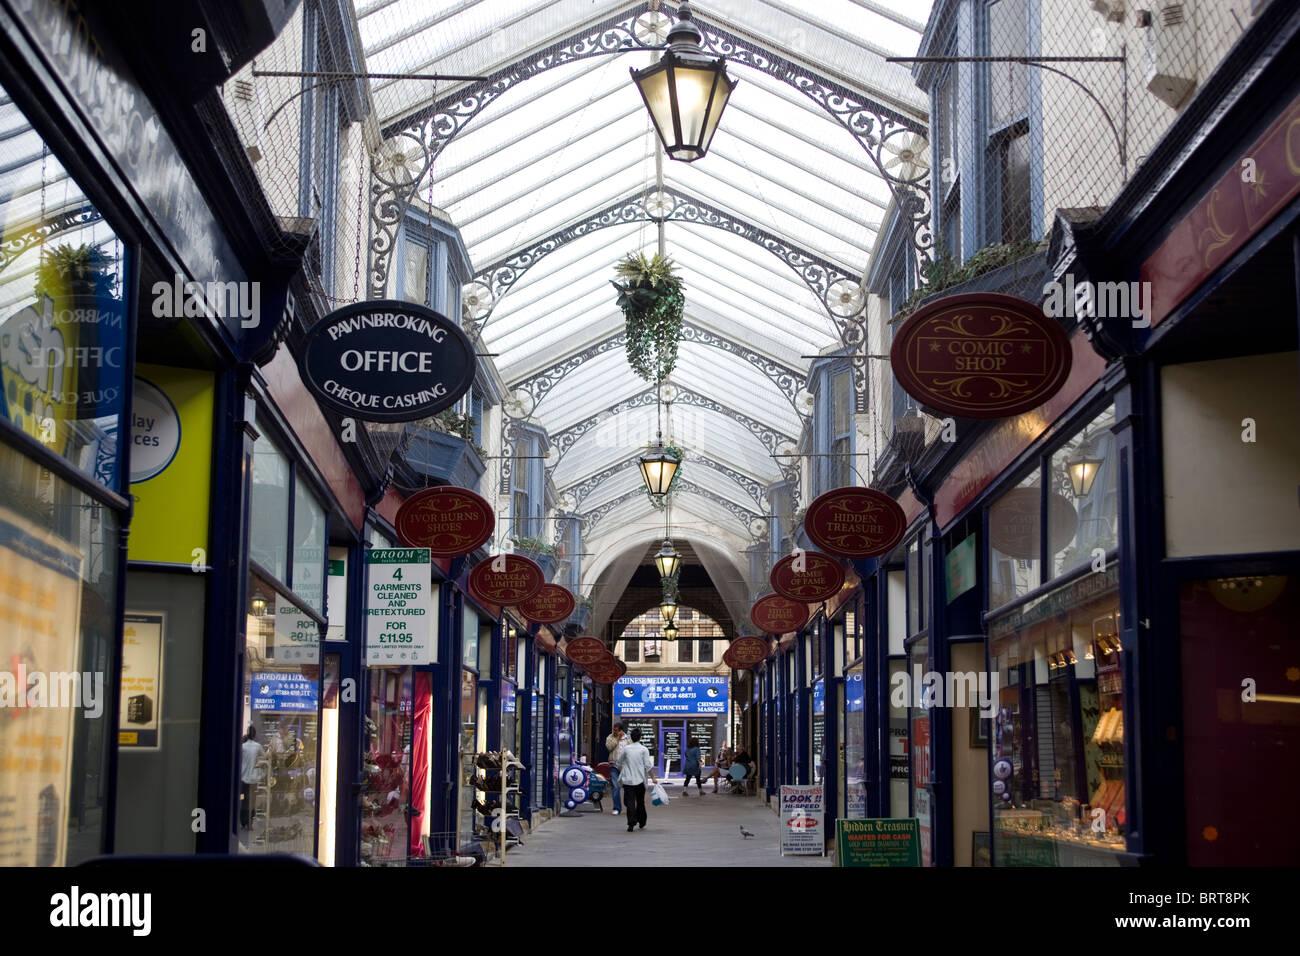 The Arcade Dewsbury West Yorkshire England UK - Stock Image